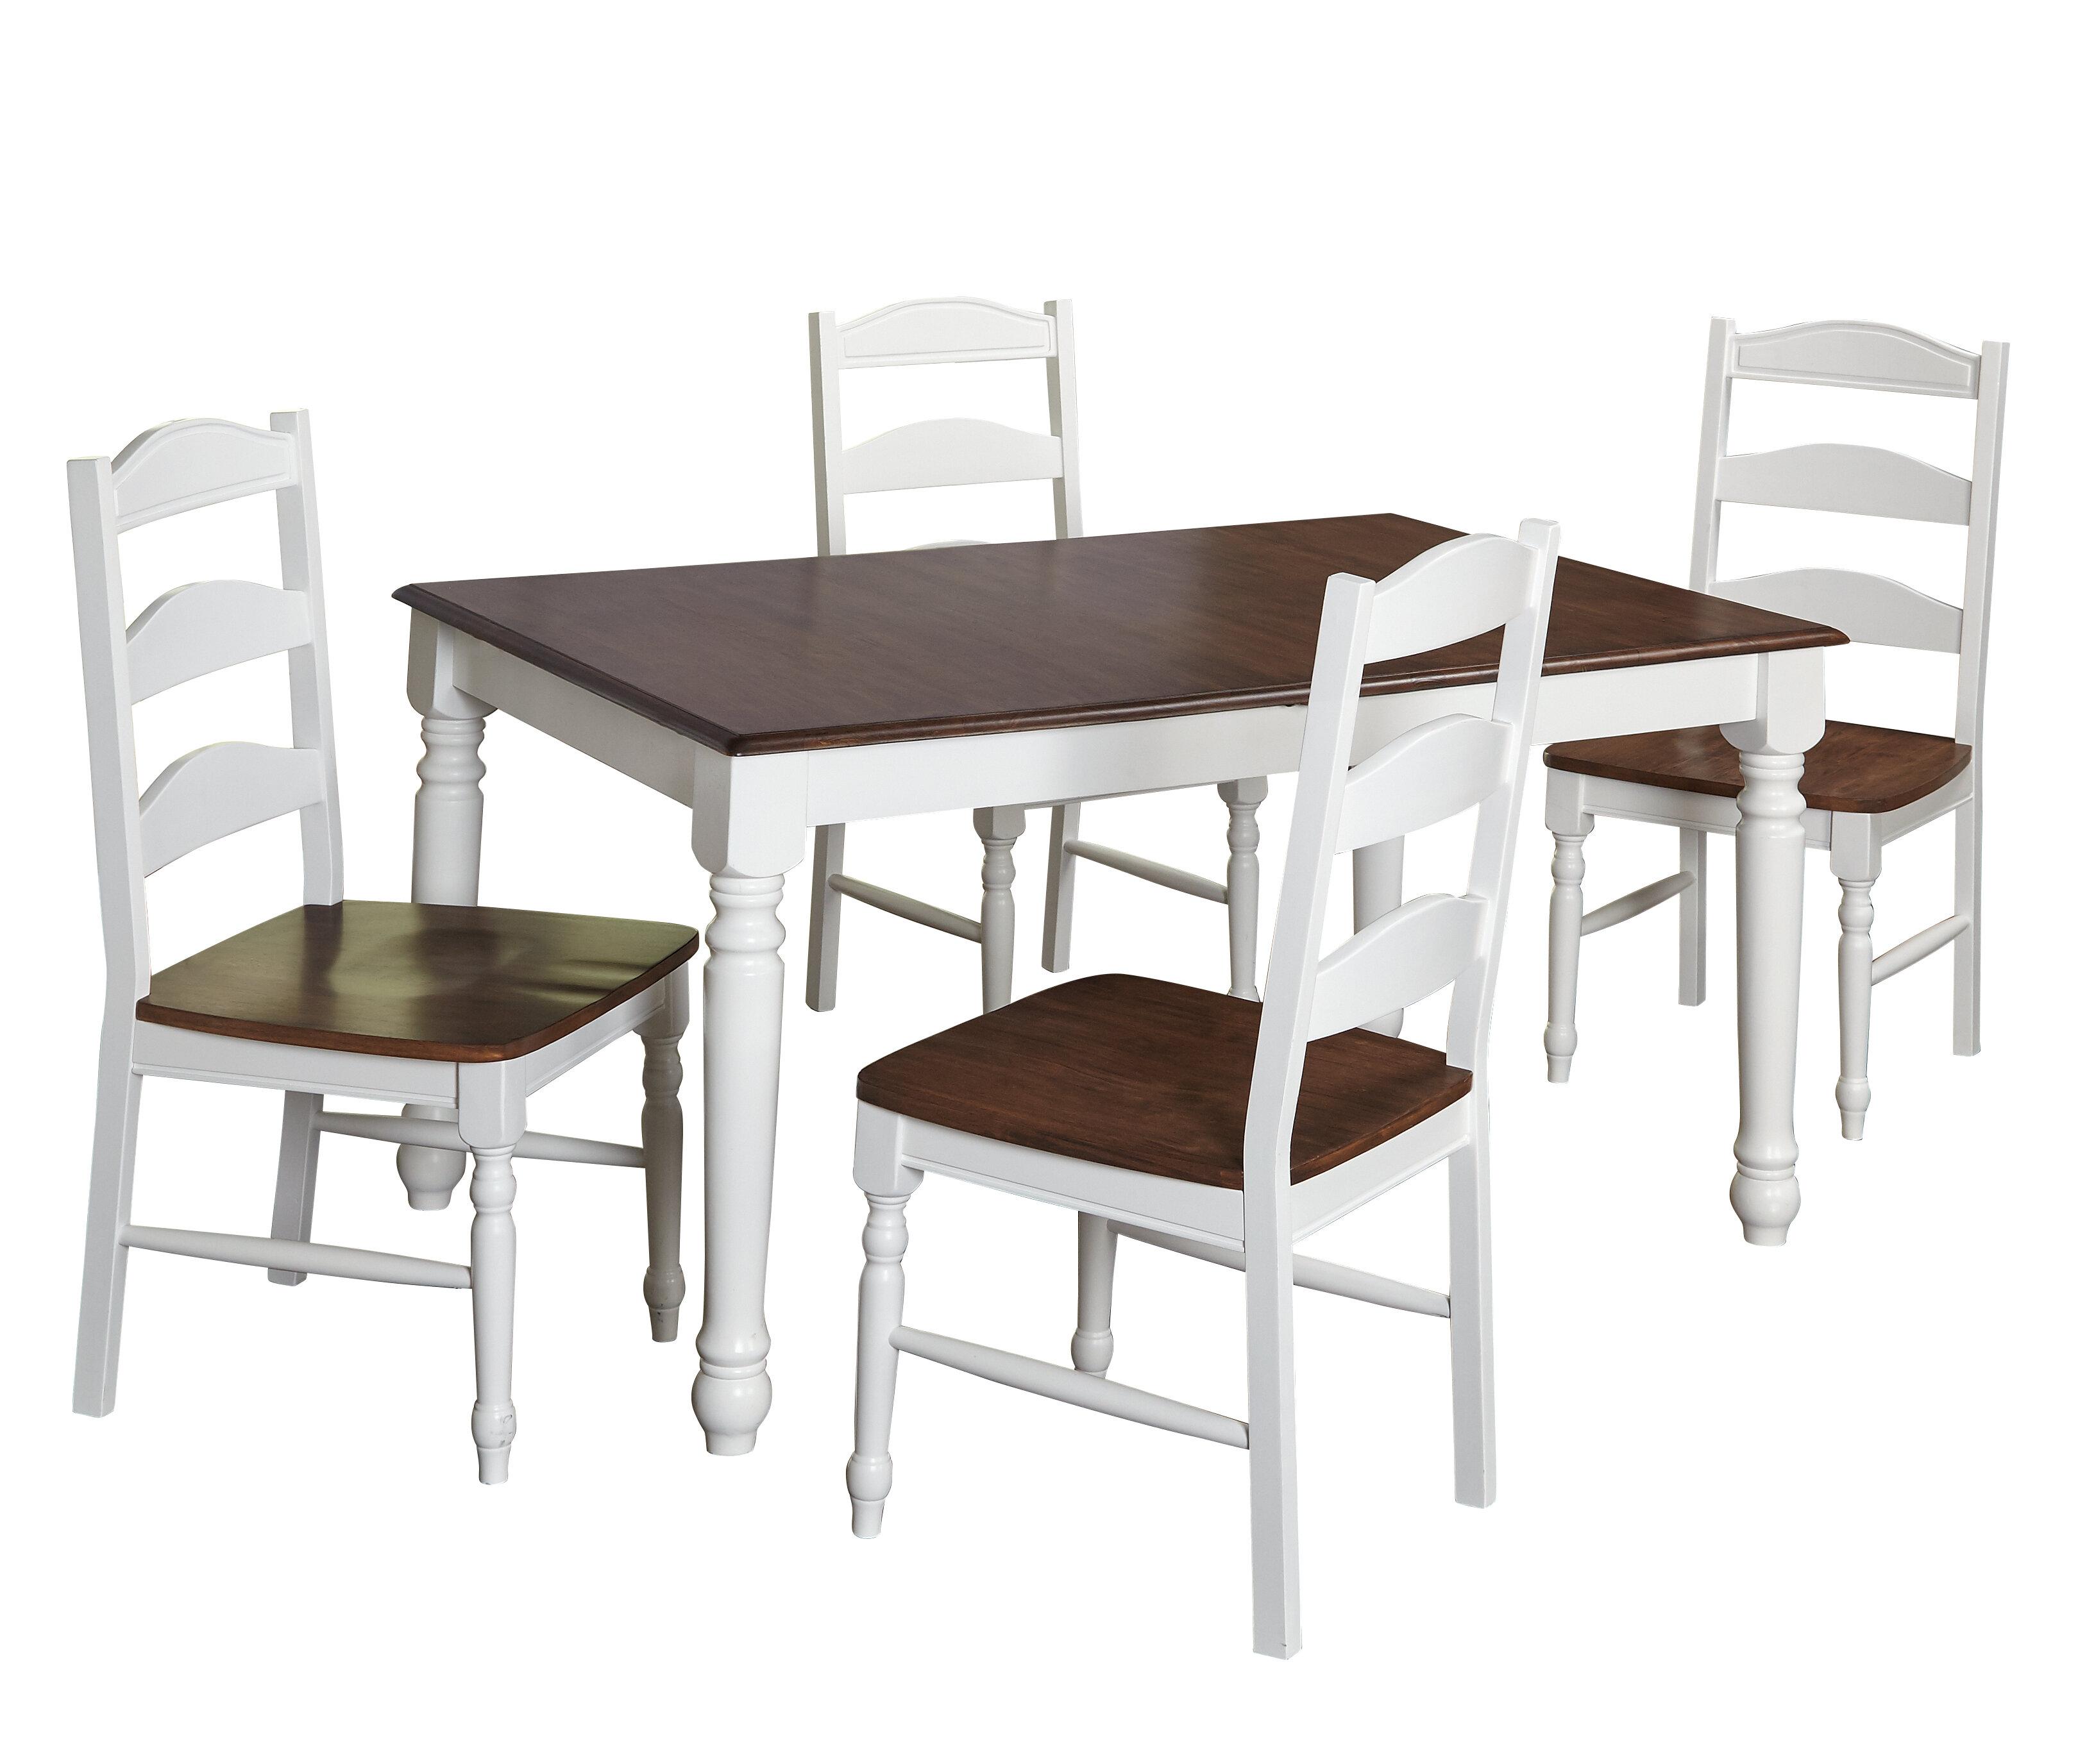 August Grove Fleurance 5 Piece Dining Set Reviews Wayfair